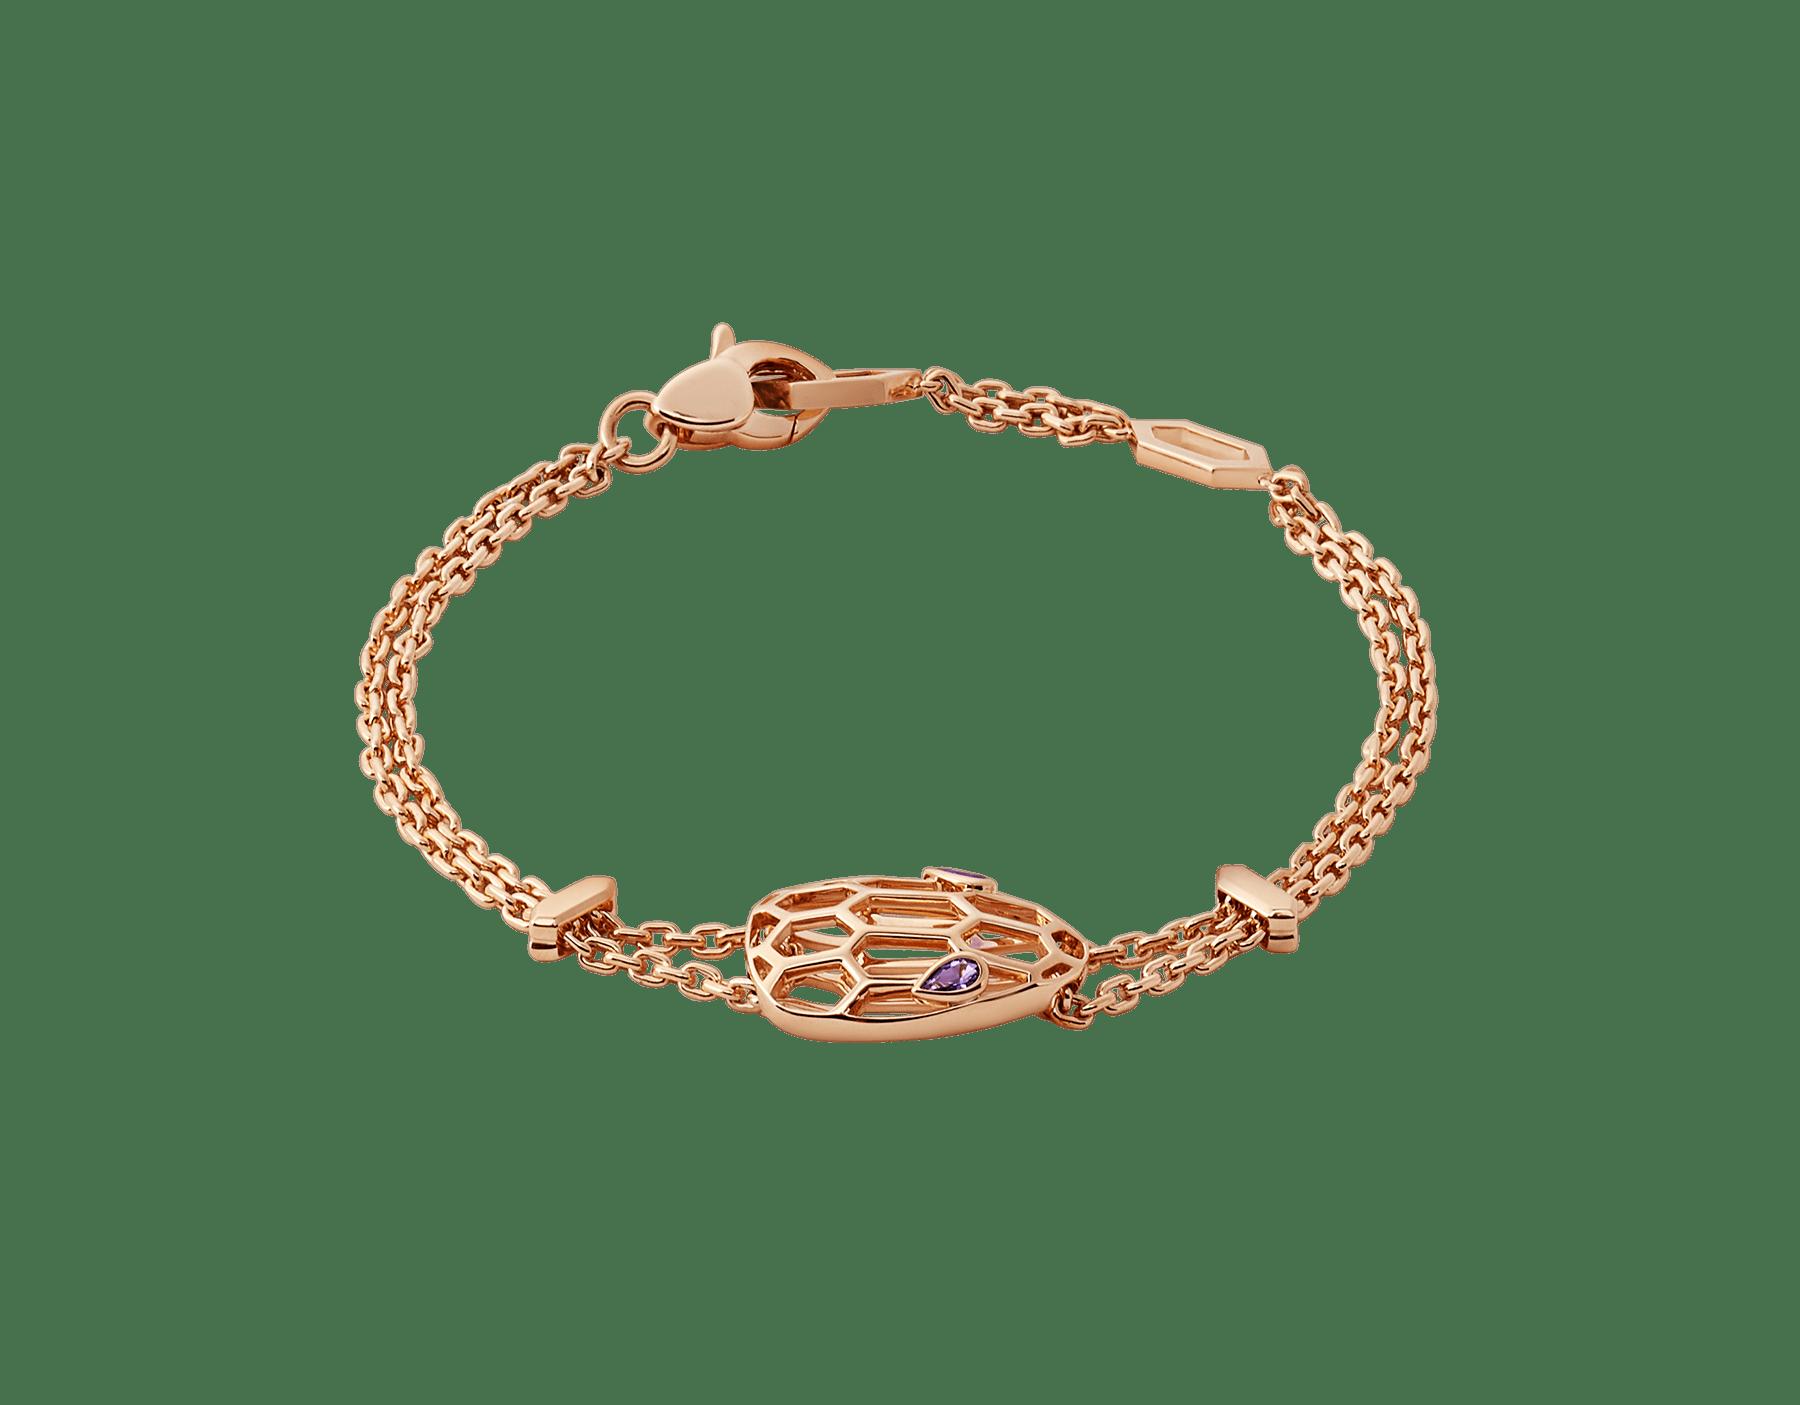 Serpenti soft bracelet in 18 kt rose gold, set with amethyst eyes. BR857739 image 1